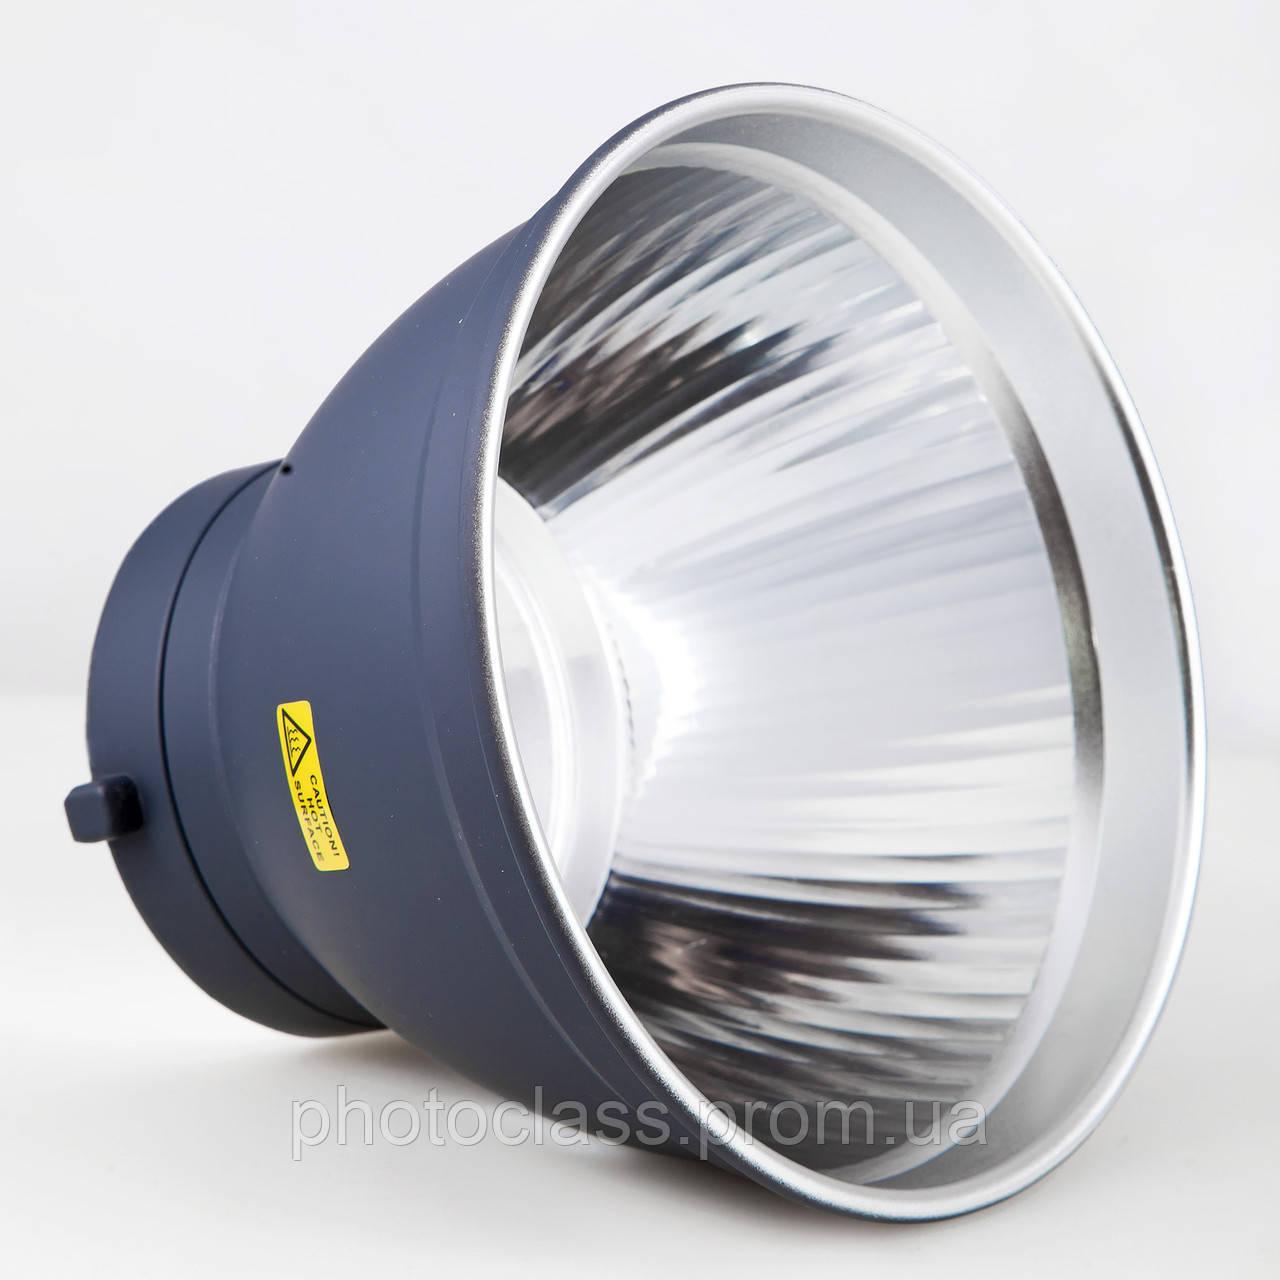 Рефлектор стандартный Mircopro SF-610 (байонет Bowens)